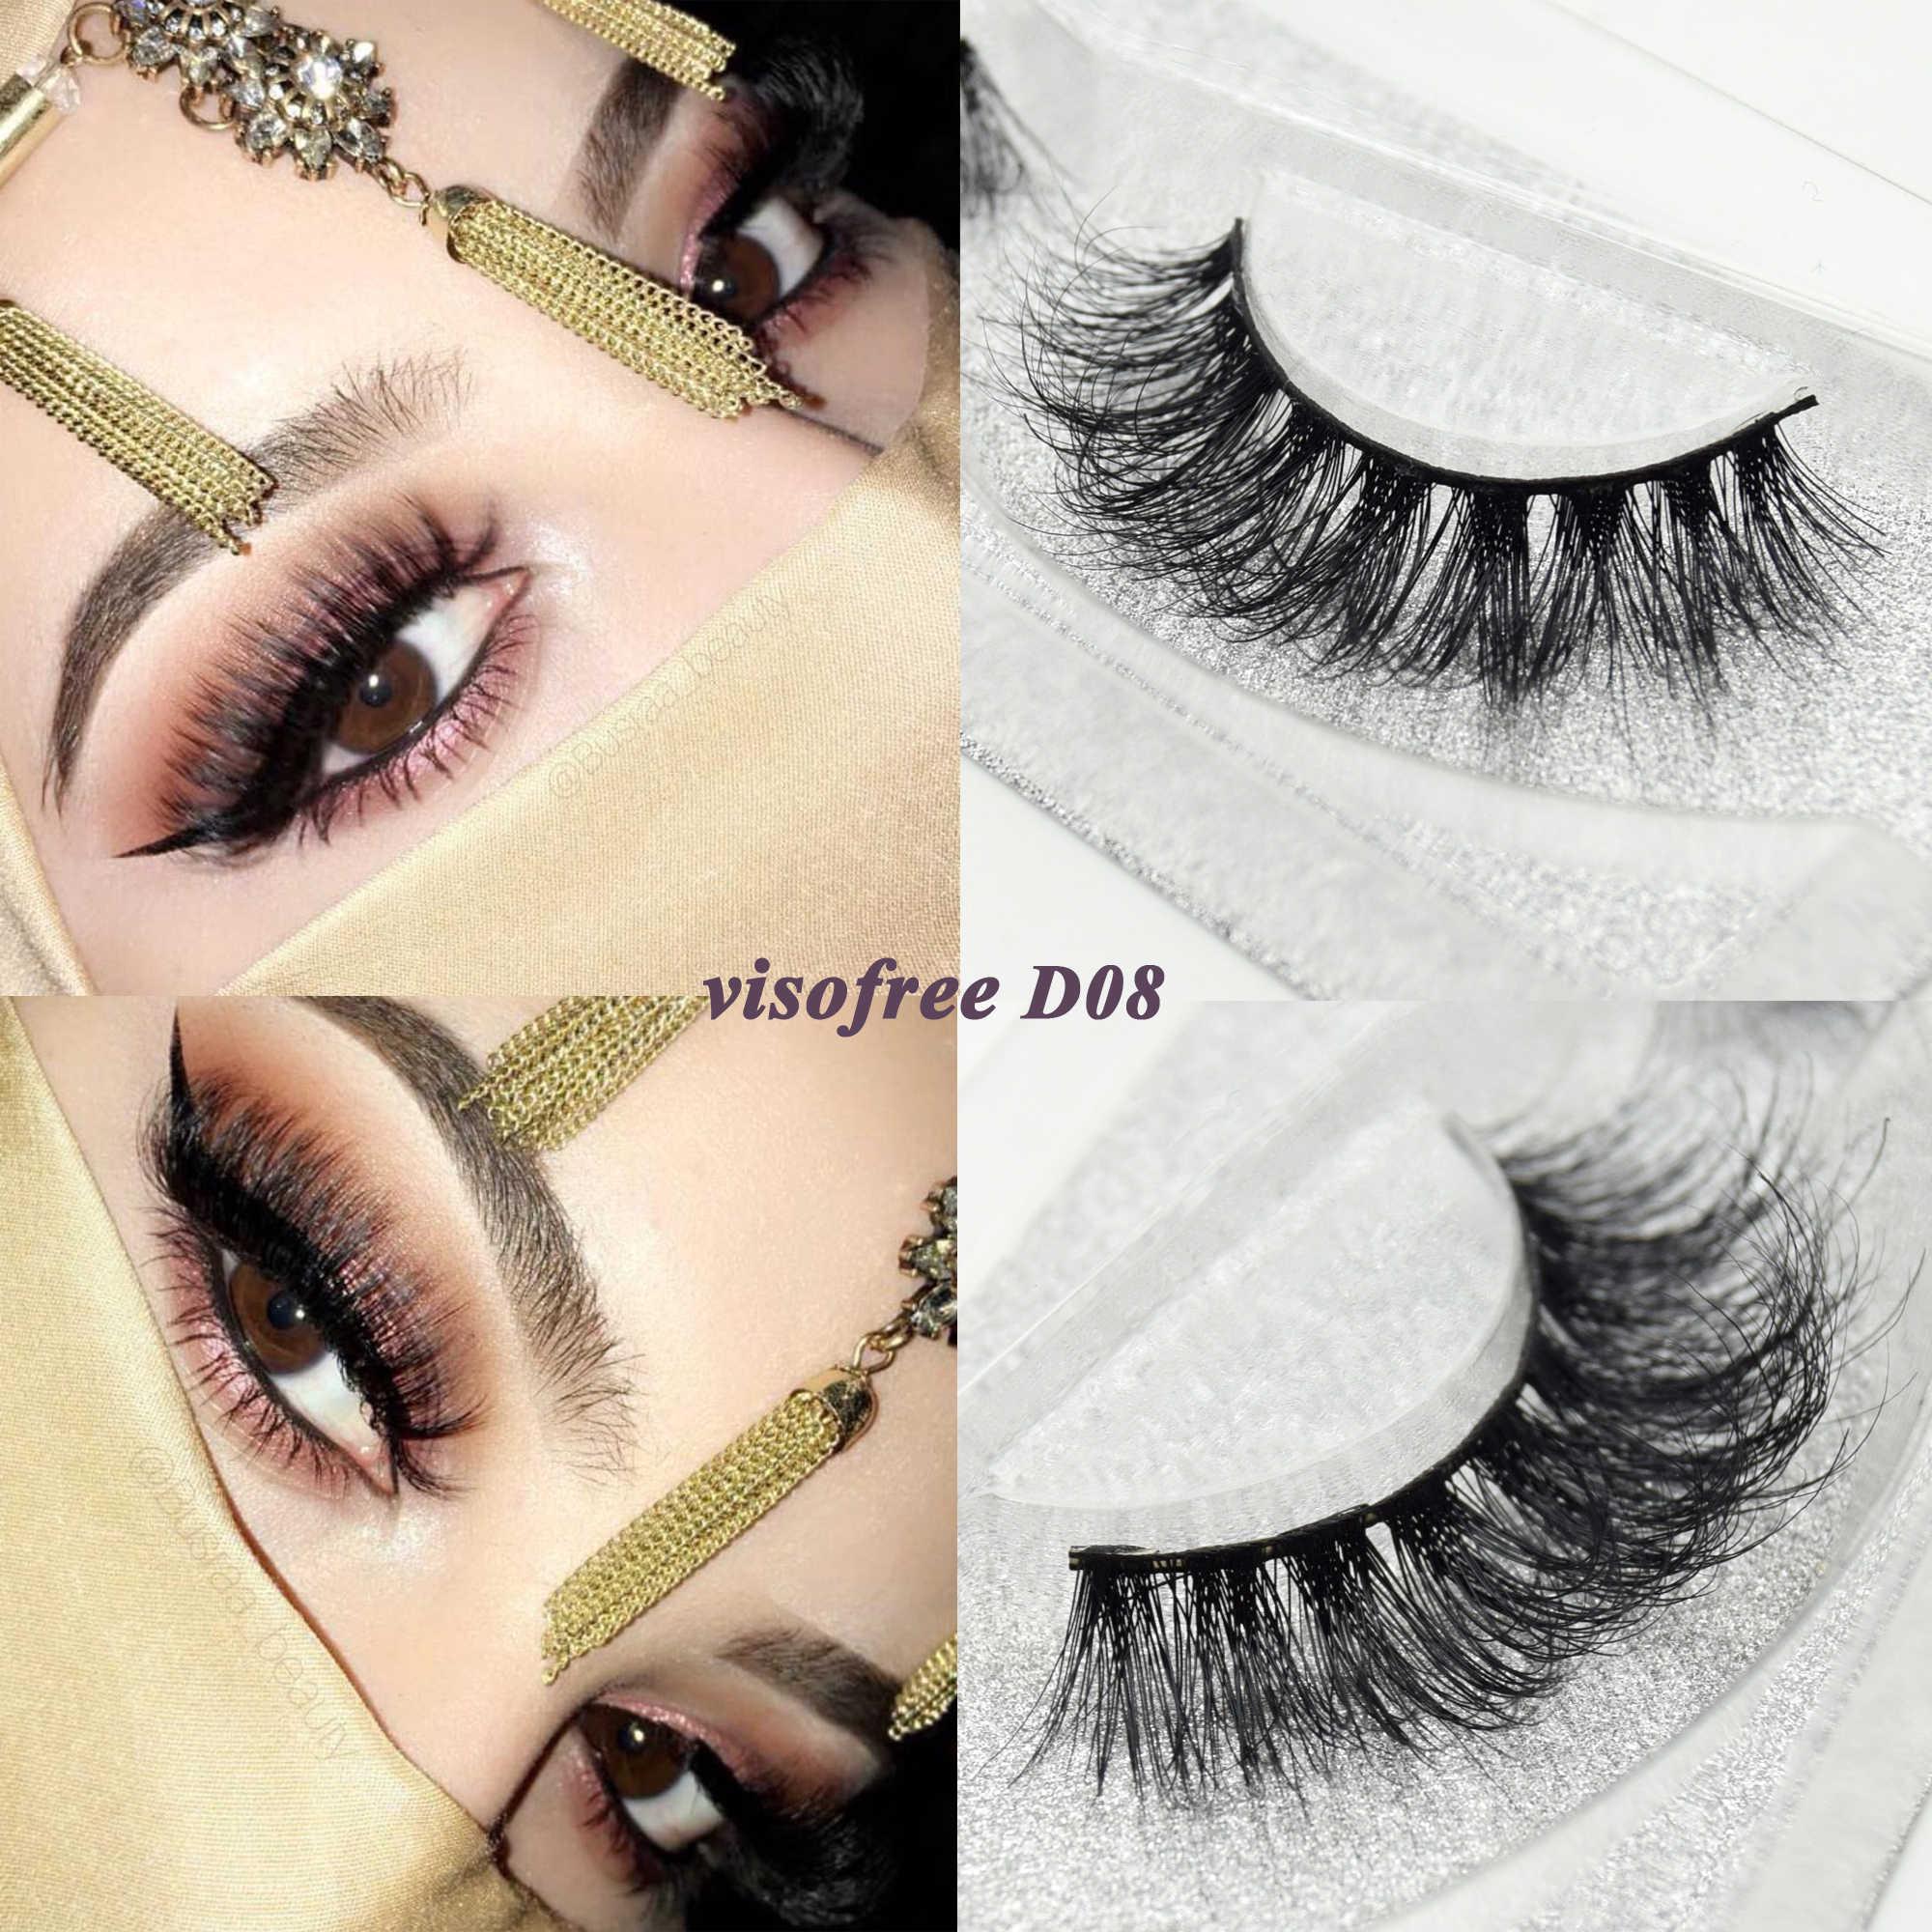 a572a8dc222 Visofree eyelashes 3D mink eyelashes long lasting mink lashes natural  dramatic volume eyelashes extension false eyelashes